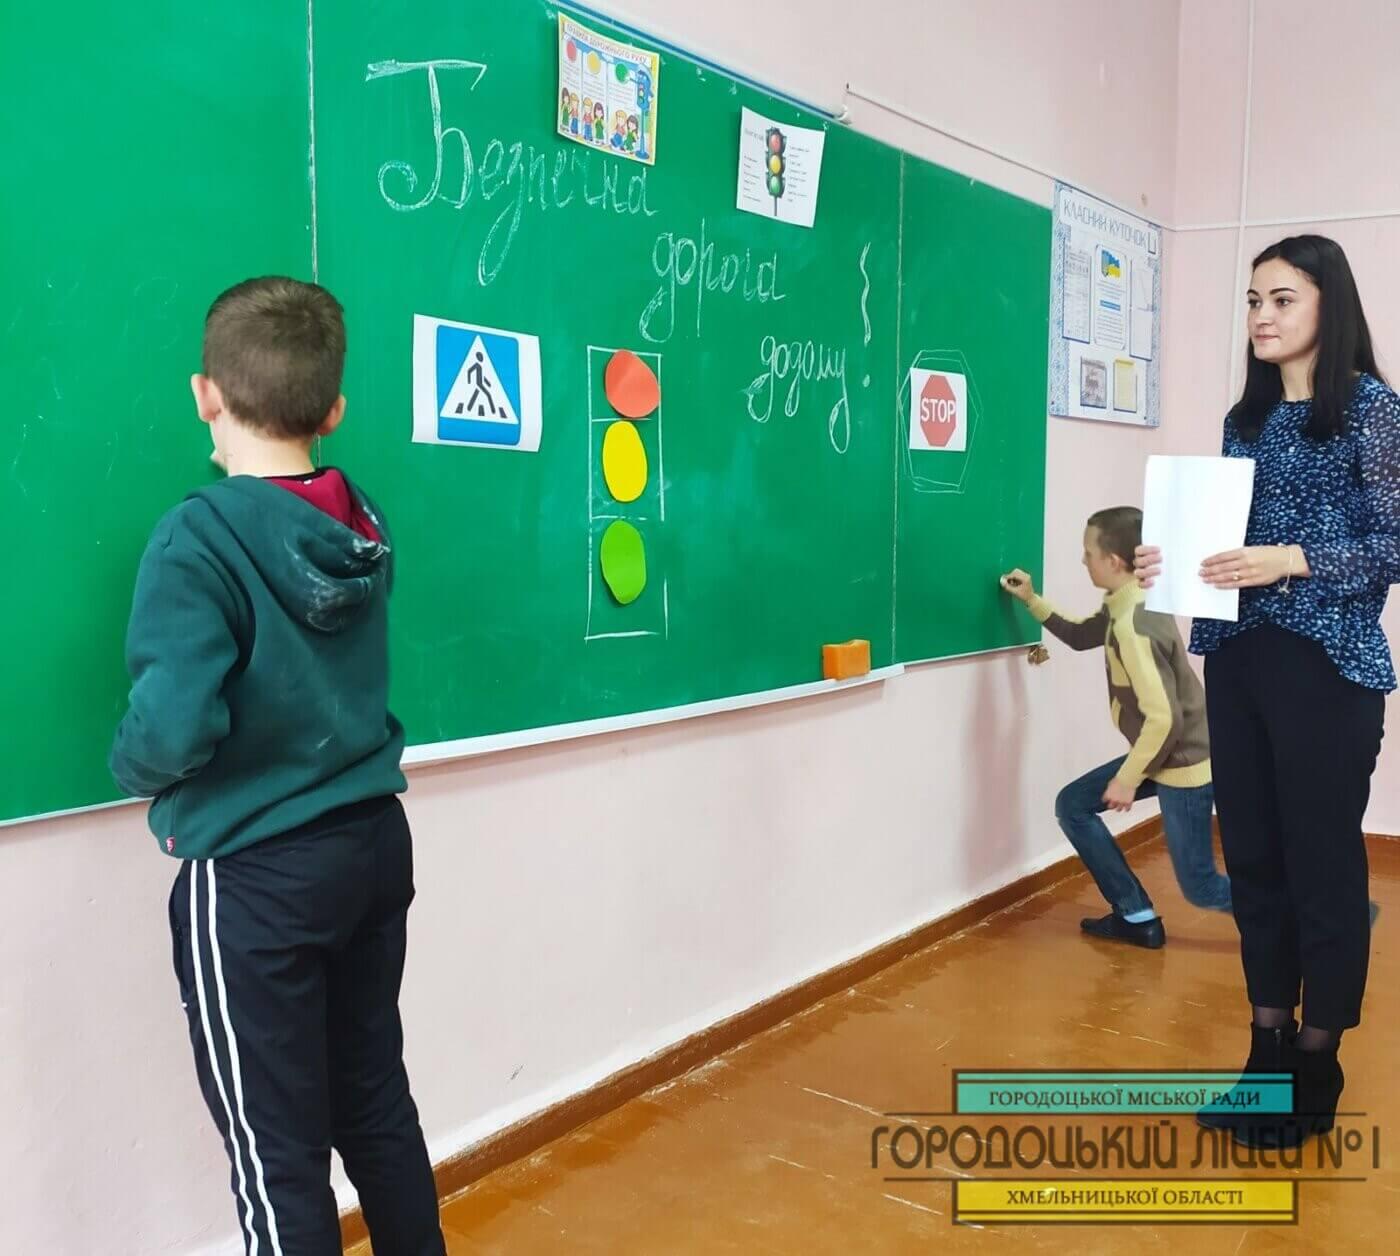 zobrazhennya viber 2021 05 19 15 15 19 1400x1256 - Бесіда з елементами тренінгу «Фізіологічні можливості дитини на дорозі»